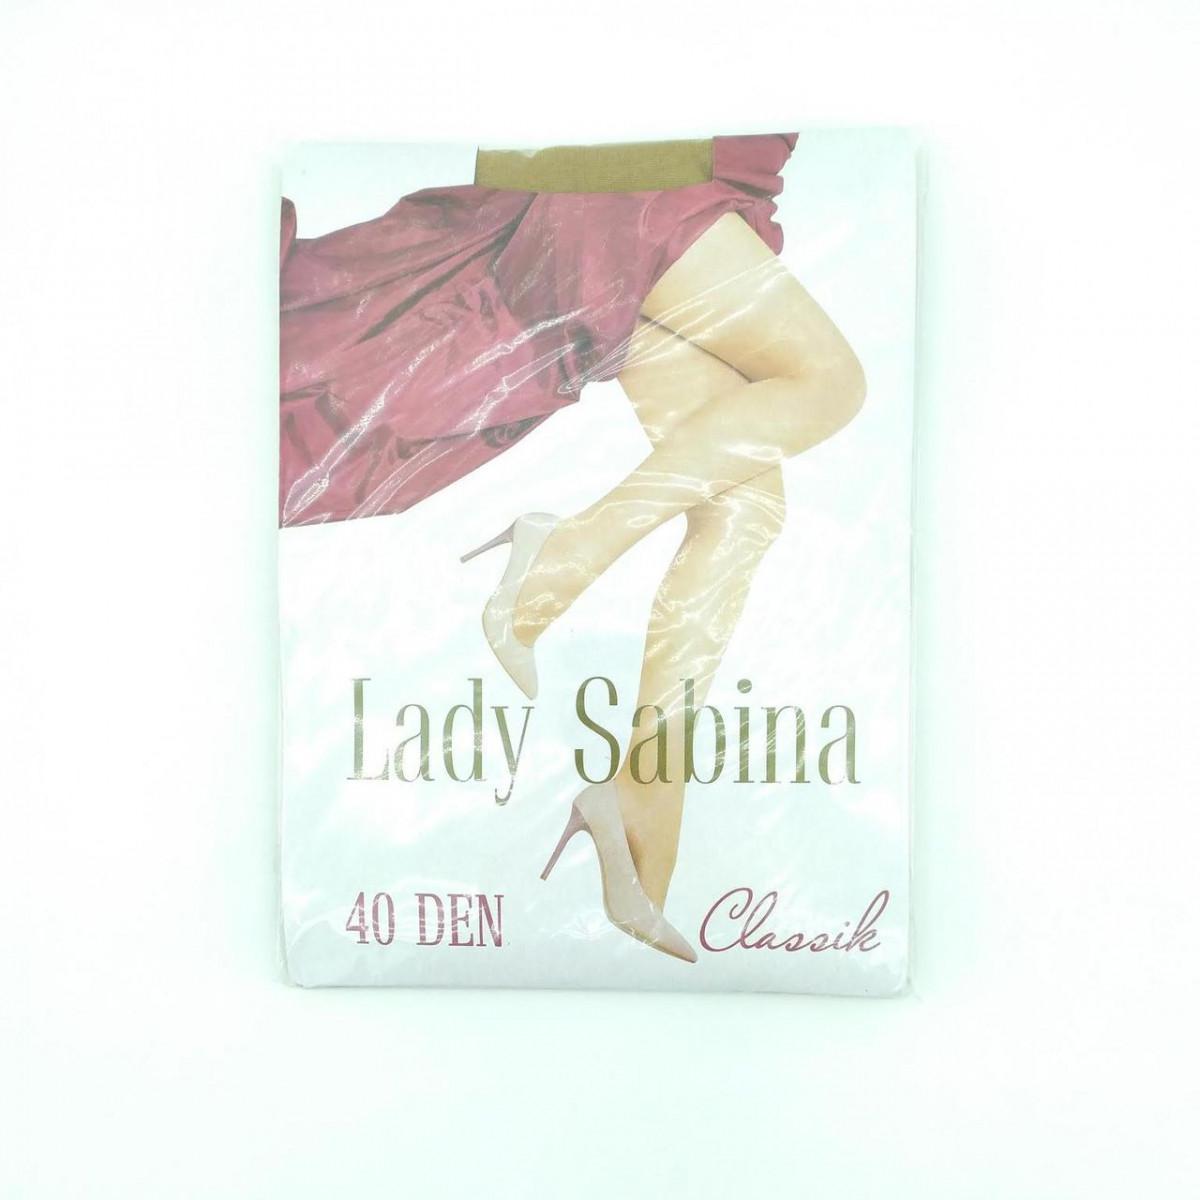 Колготки капроновые женские Lady Sabina, 40DEN, классика, размер 3, бежевые, 20024932